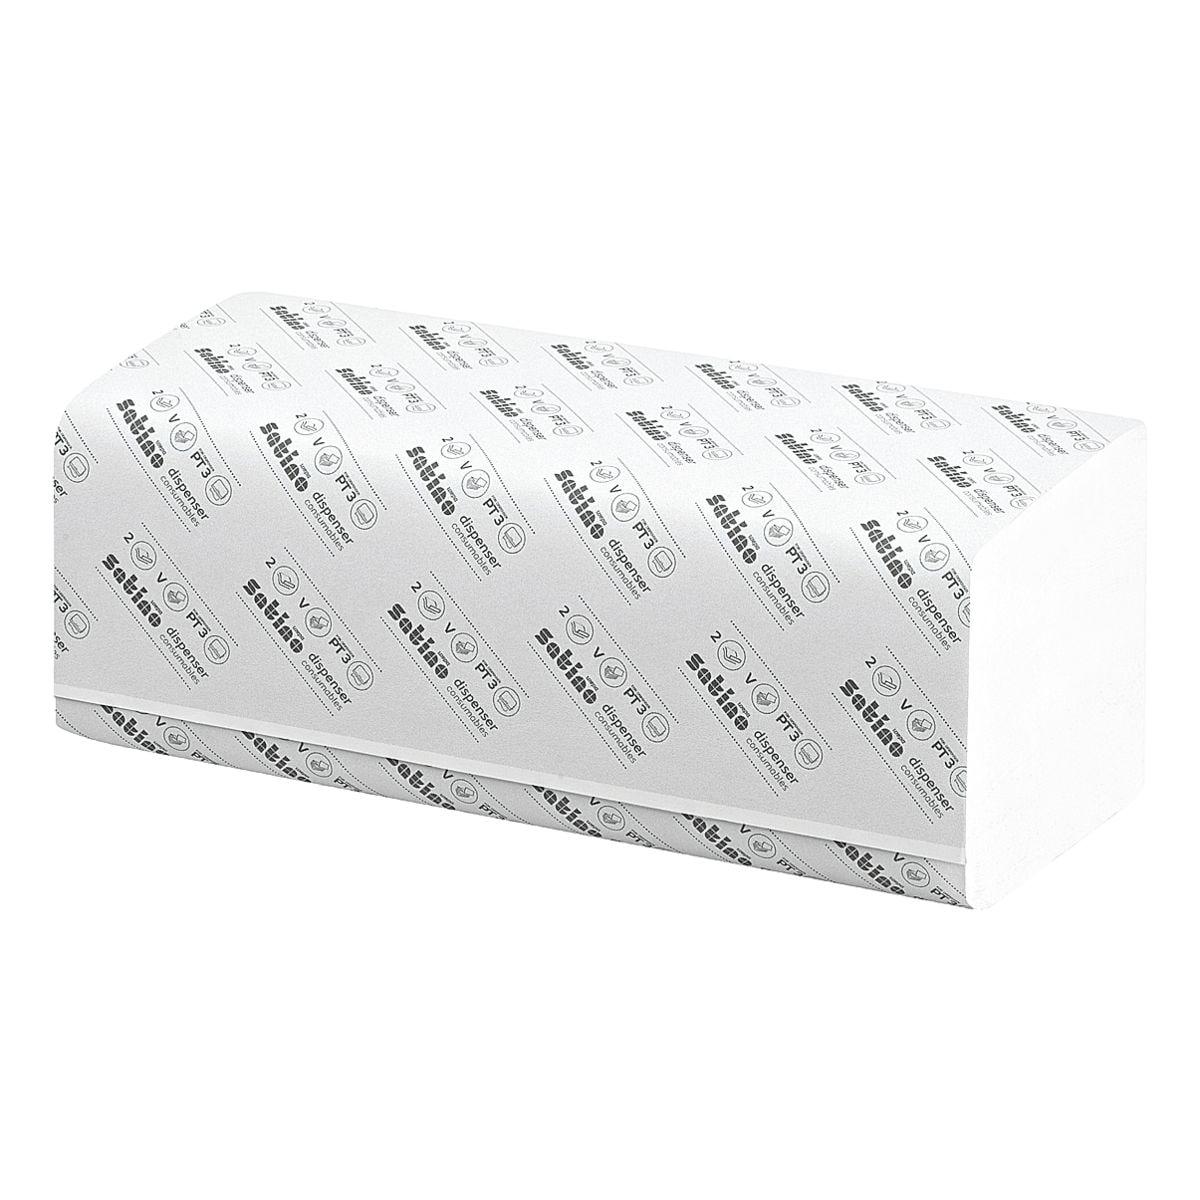 Essuie-mains en papier Satino comfort 2 épaisseurs, blanc, 25 cm x 23 cm de Ouate de cellulose avec pliage en Z - 3200 feuilles au total